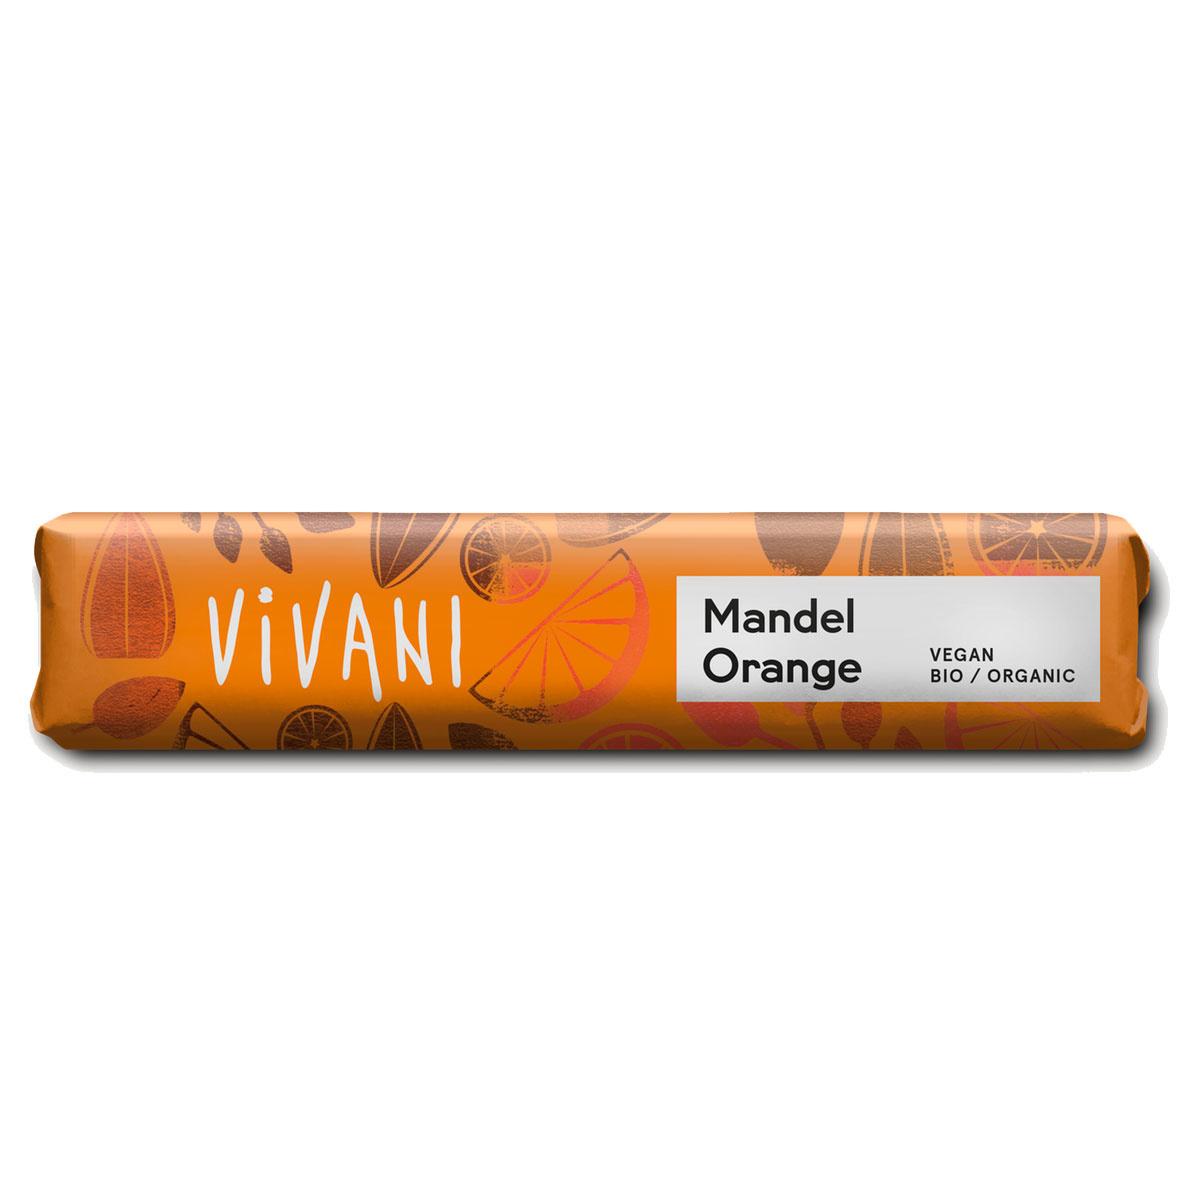 Vivani ricechoc almond sinaas Biologisch